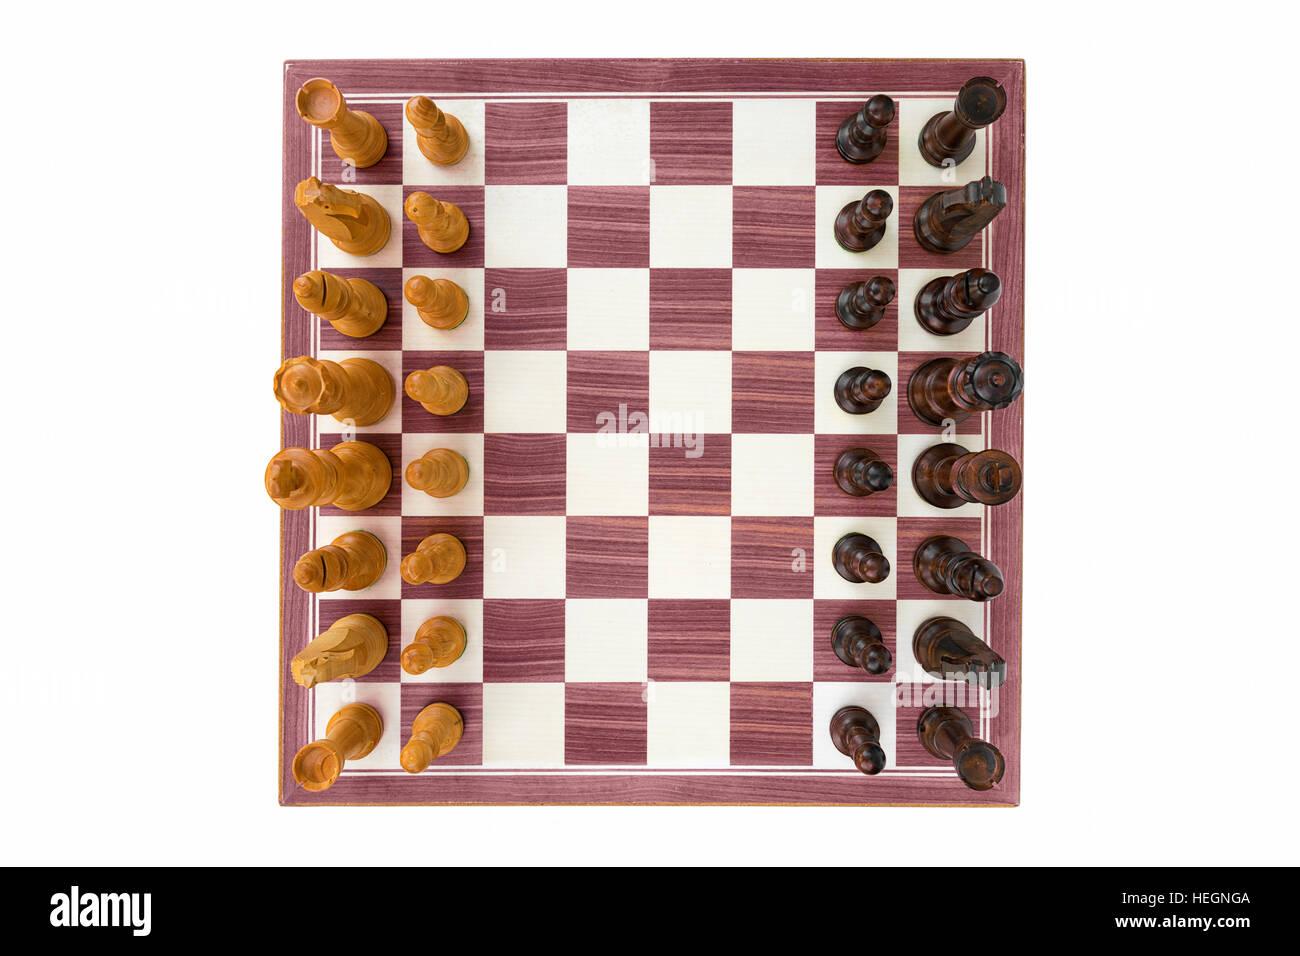 Scacchiera di legno di bosso con tutti i pezzi su sfondo bianco ampia angolazione Immagini Stock